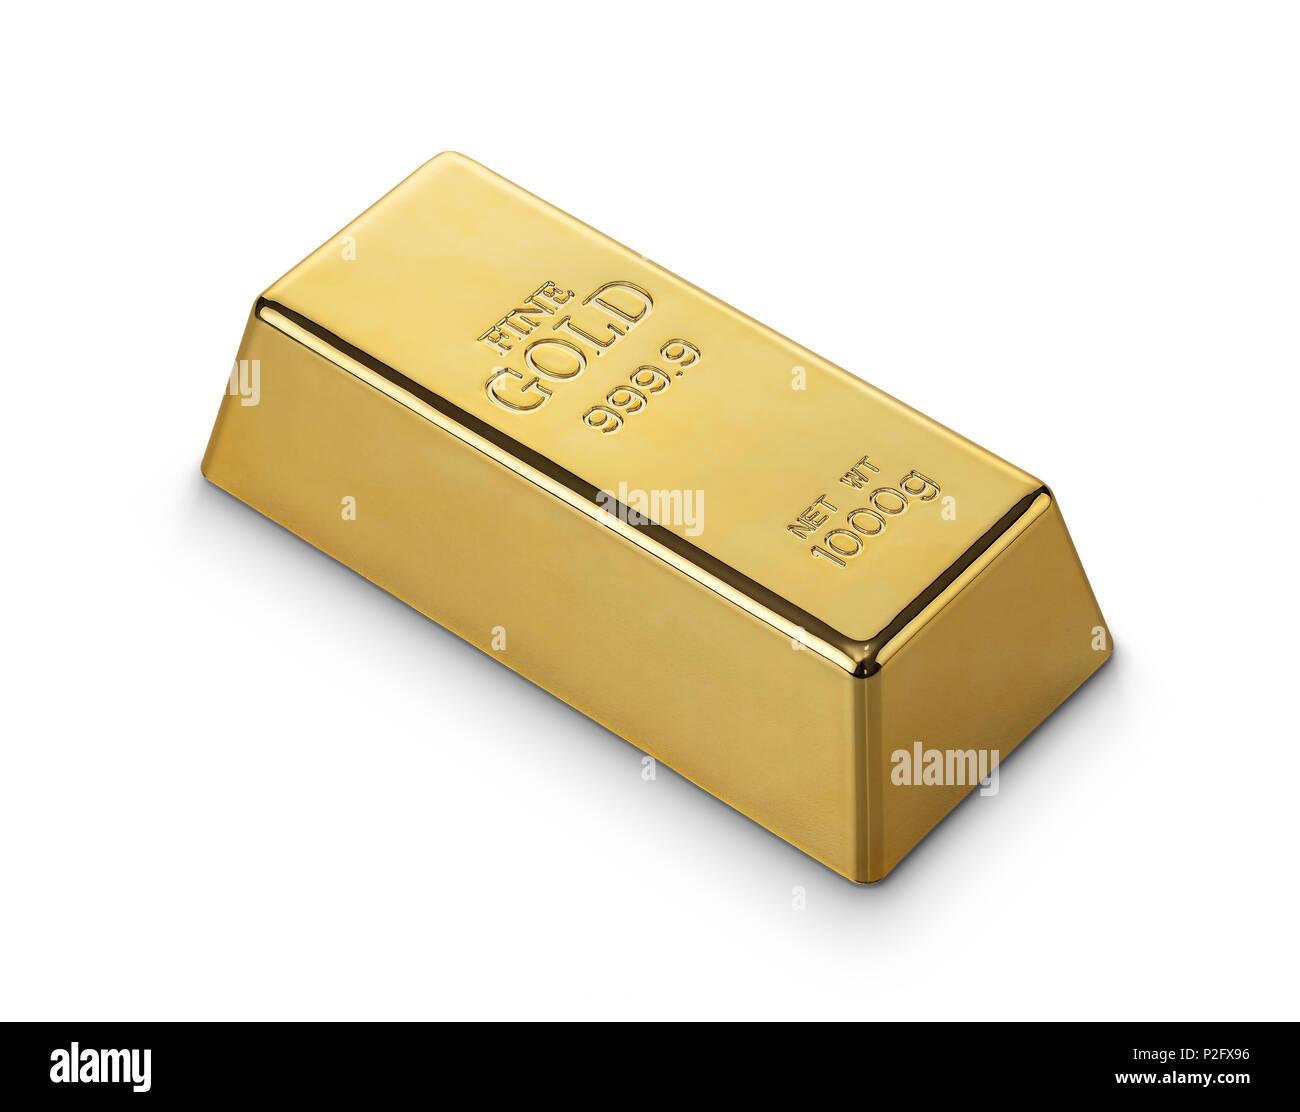 Gold bar isolated on white background - Stock Image